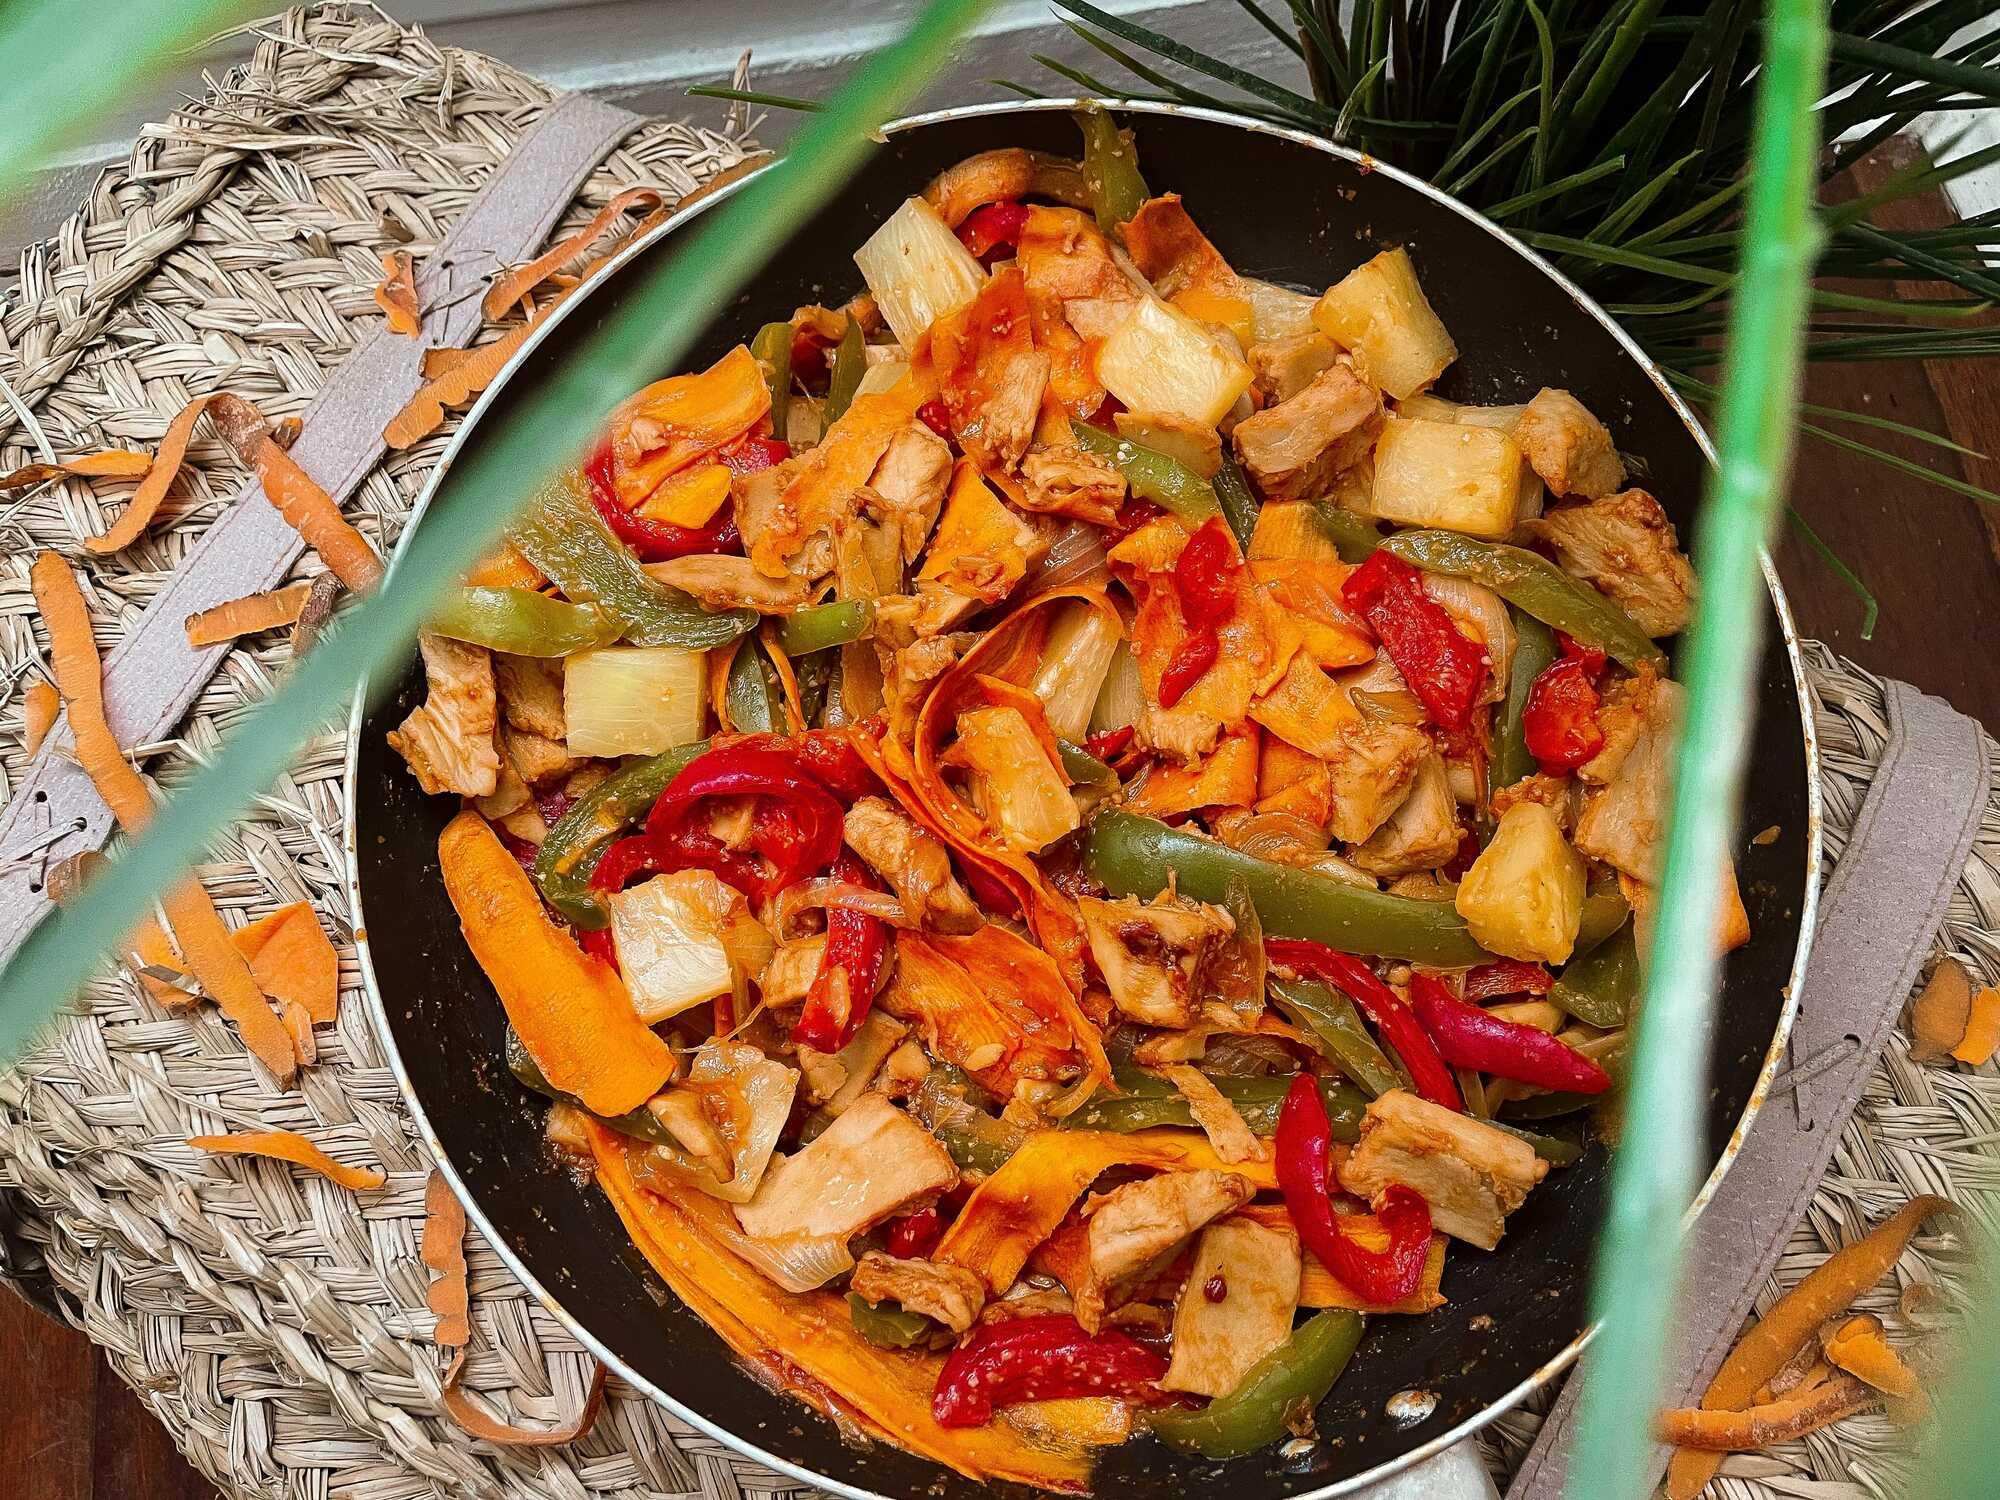 Le soja est cuisiné avec des poivrons, des carottes, de l'ananas et une sauce aigre-douce, le tout présenté dans une poêle au milieu de feuillage.